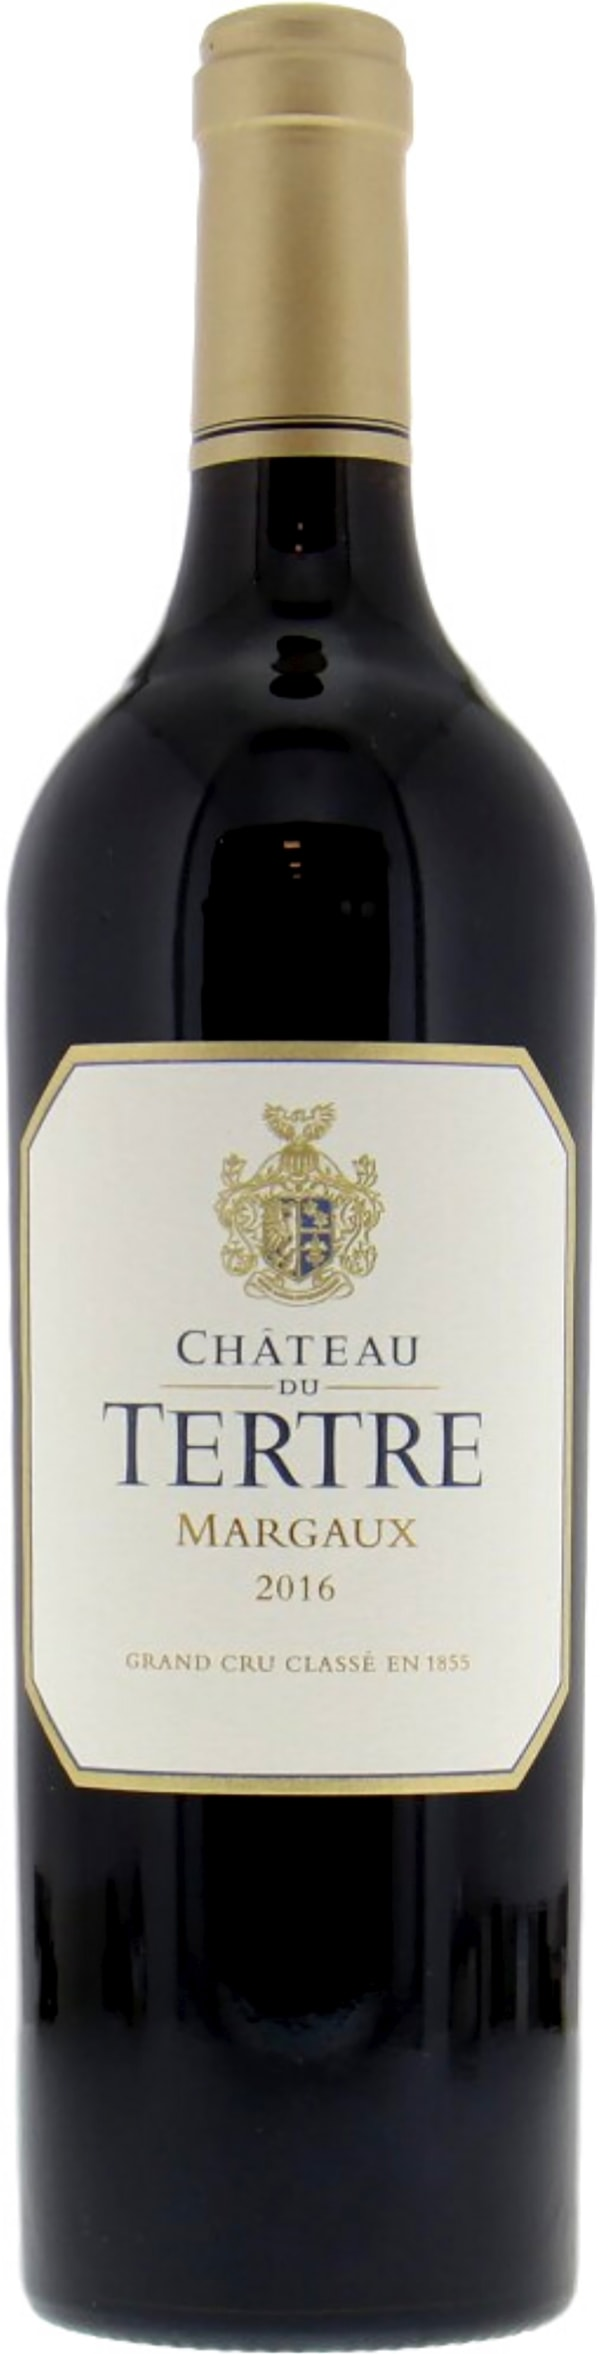 Château du Tertre 2016